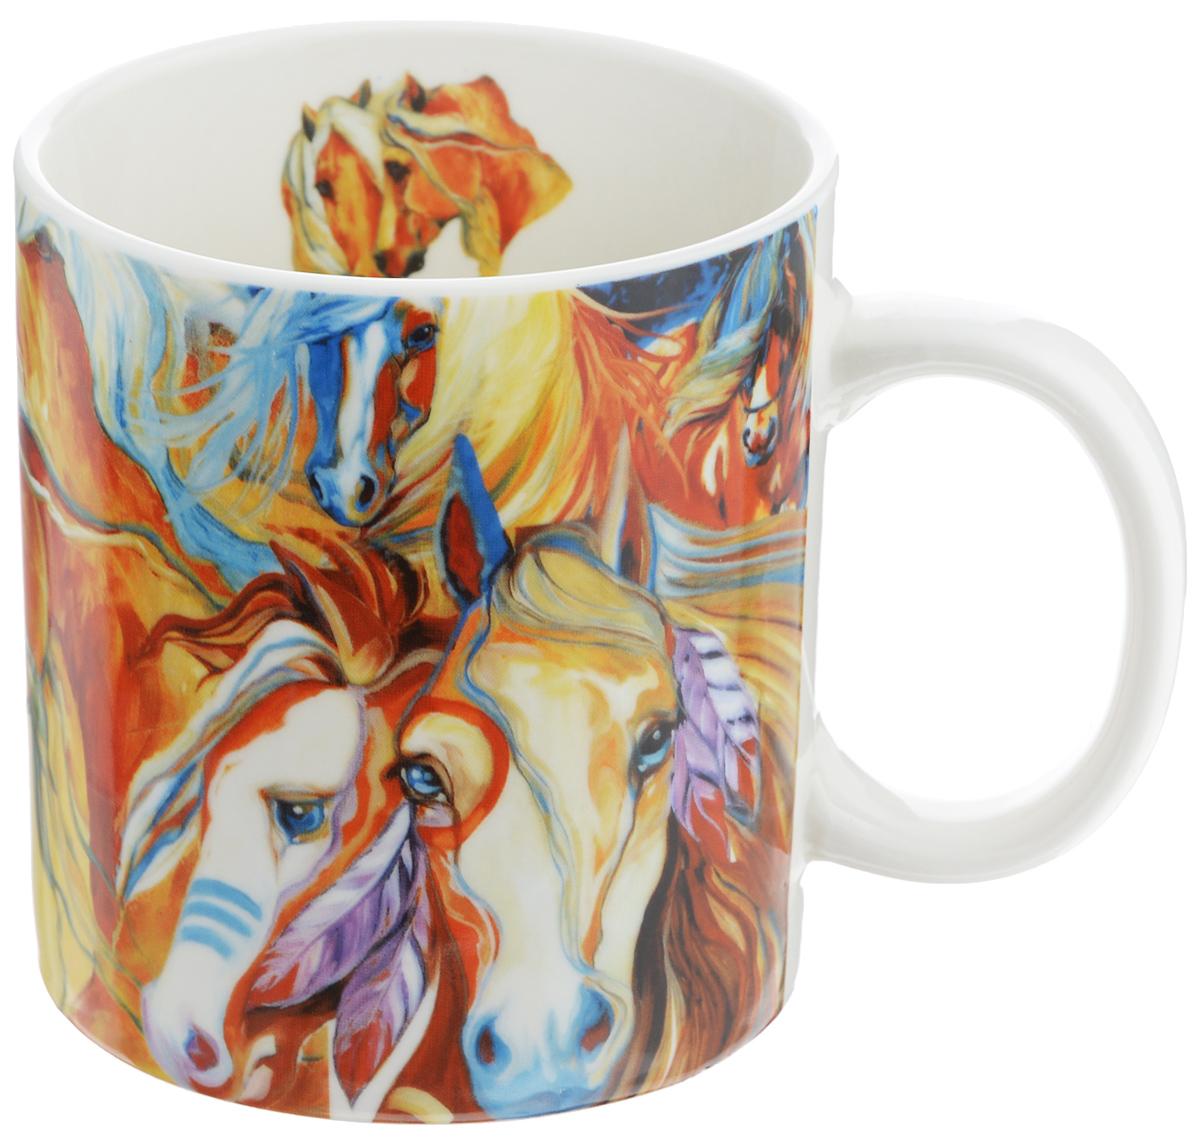 Кружка GiftLand Фантазии о лошадях, 700 мл391602Кружка GiftLand Фантазии о лошадях изготовлена из костяного фарфора и оформлена красочным изображением лошадей. Оригинальная кружка порадует вас ярким дизайном и станет неизменным атрибутом чаепития. Прекрасно подойдет в качестве сувенира.Диаметр кружки: 10 см.Высота: 11 см.Объем: 700 мл.